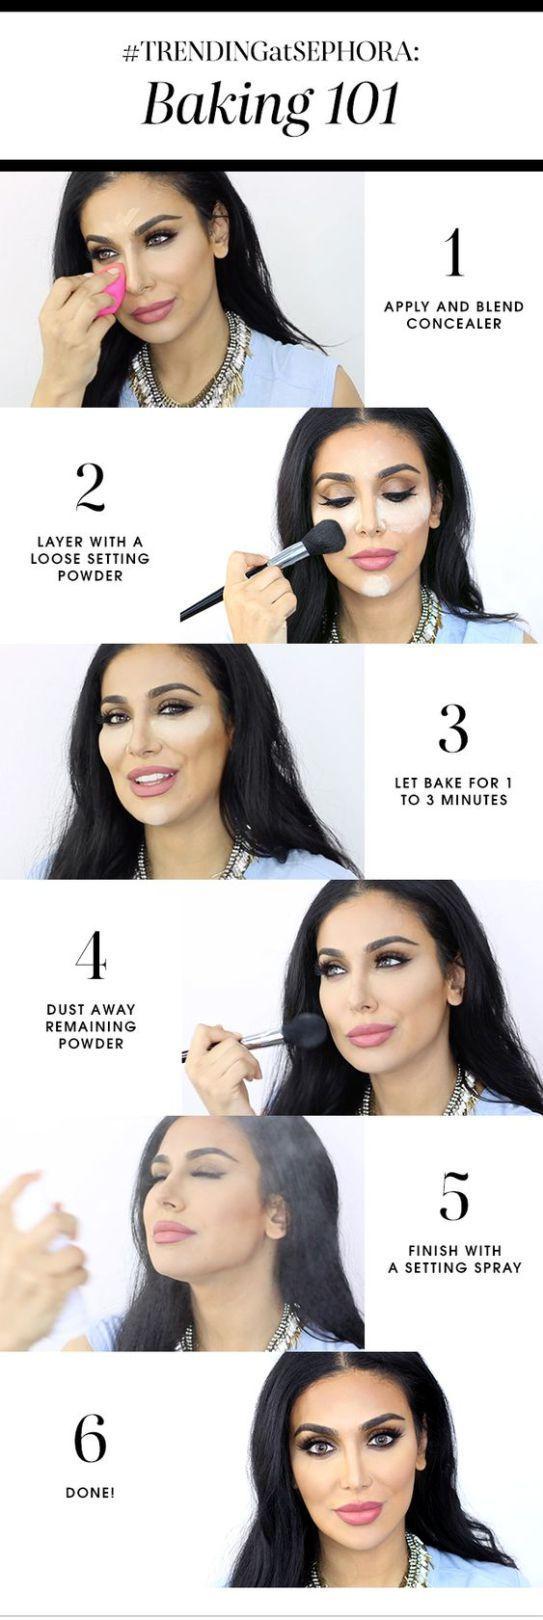 10 lebensverändernde Make-up-Tipps, die jedes Mädchen kennen sollte – Society19